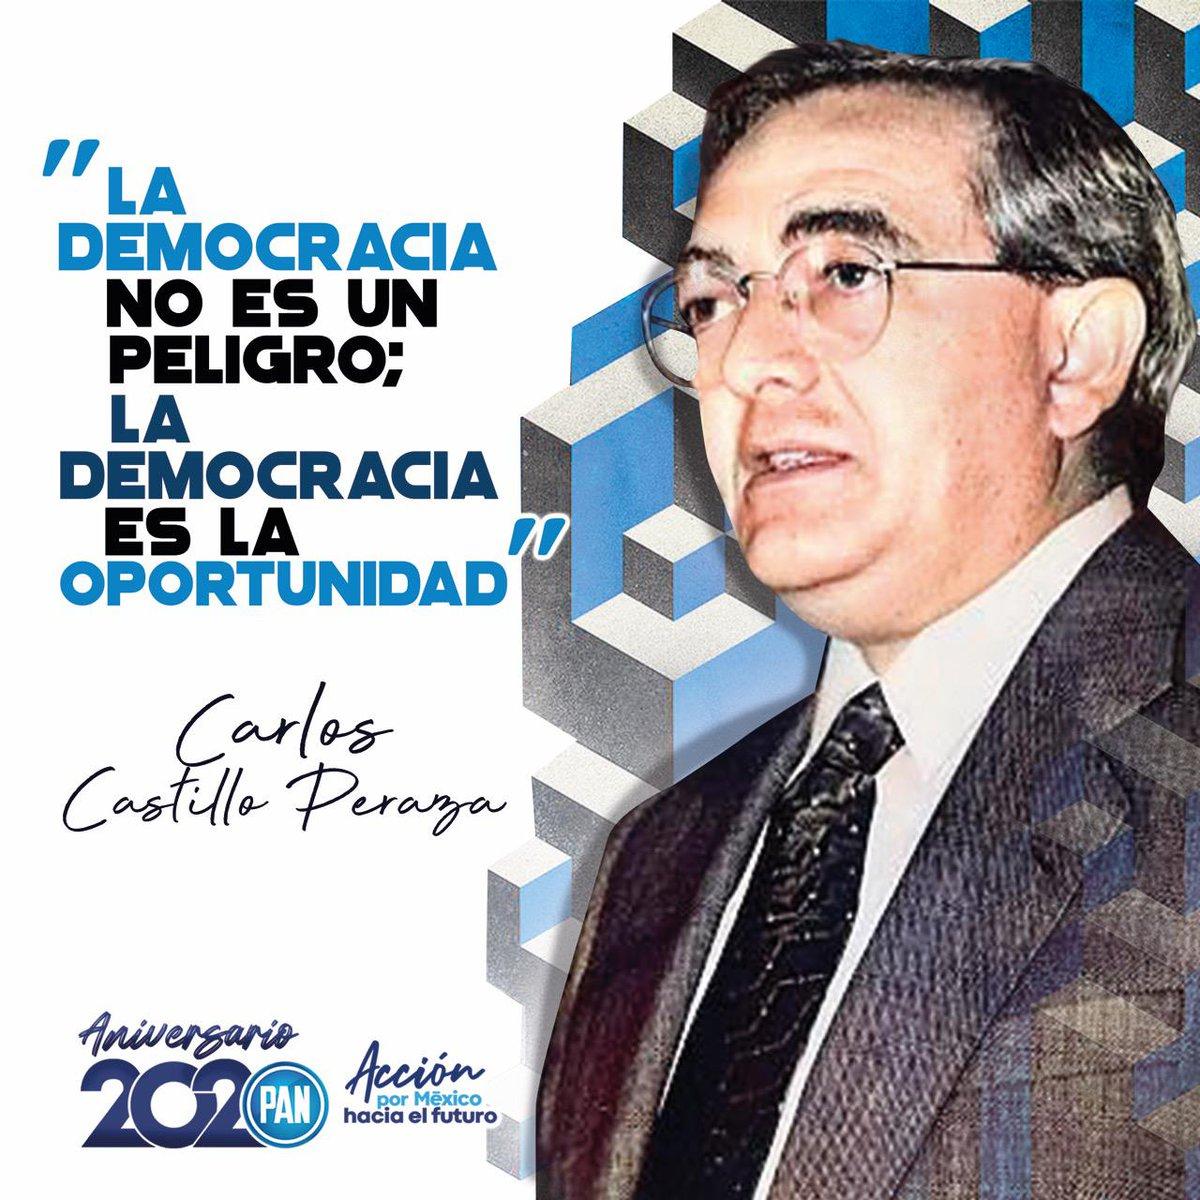 La historia de @AccionNacional es la historia de la democracia en México.   Es la victoria cultural que proclamó Carlos Castillo Peraza.   Honremos nuestro legado y Principios construyendo un mejor futuro #AcciónPorMéxico https://t.co/5Uslu7ZmW8